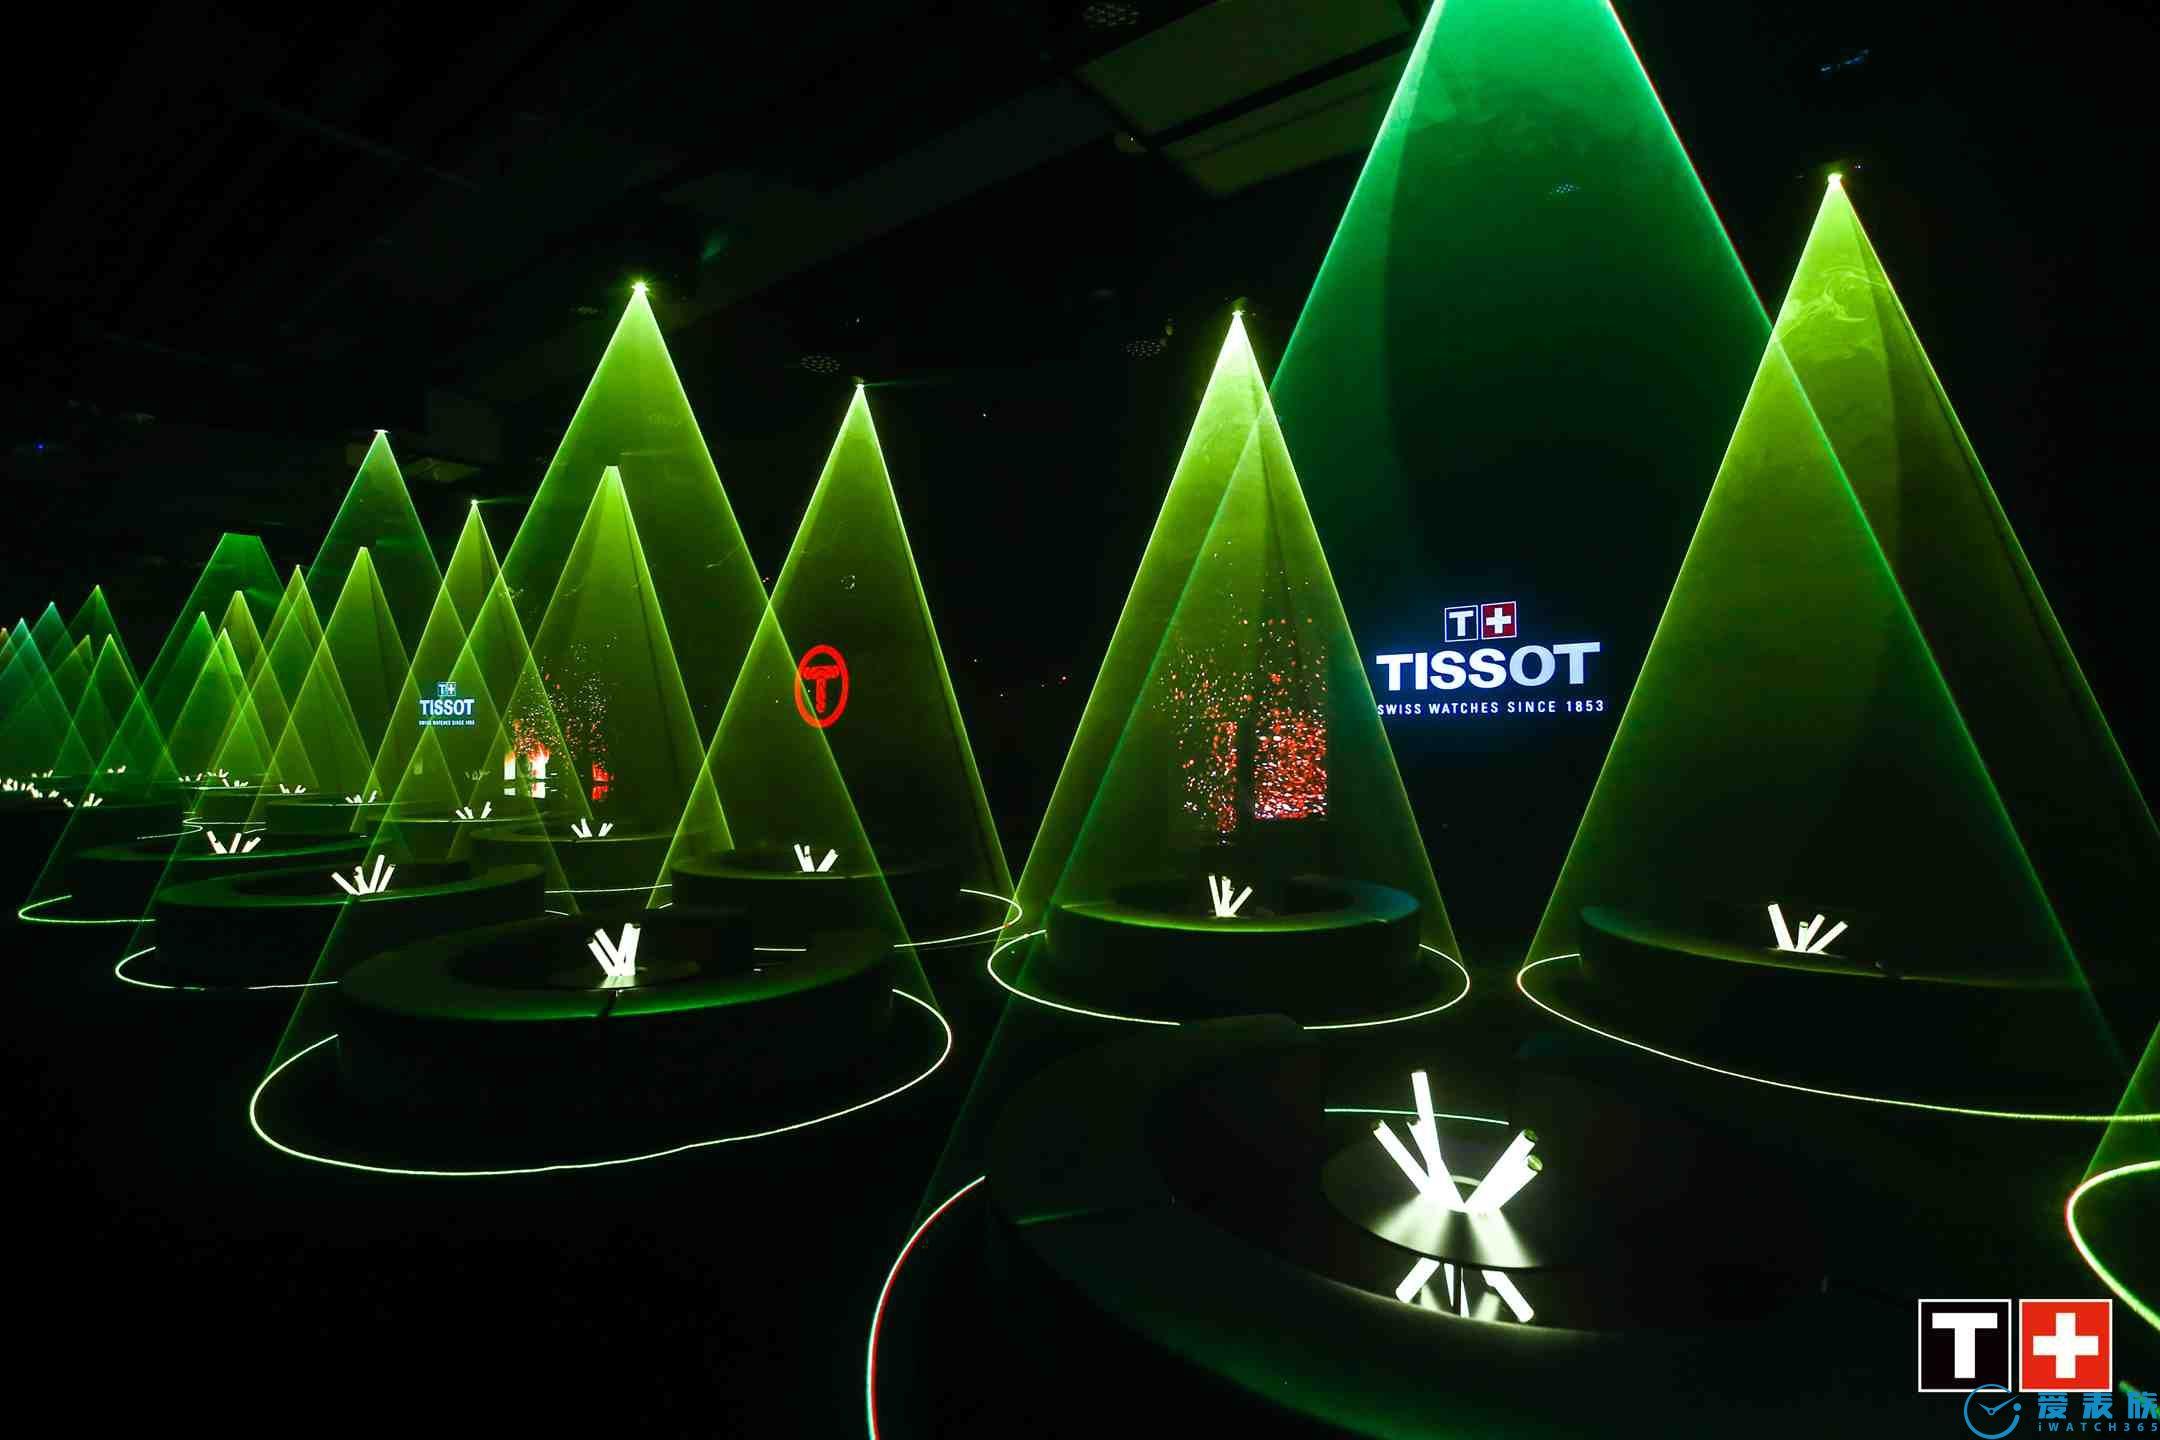 图5:赛博森林风格TISSOT天梭腾智·无界系列新品发布盛典现场